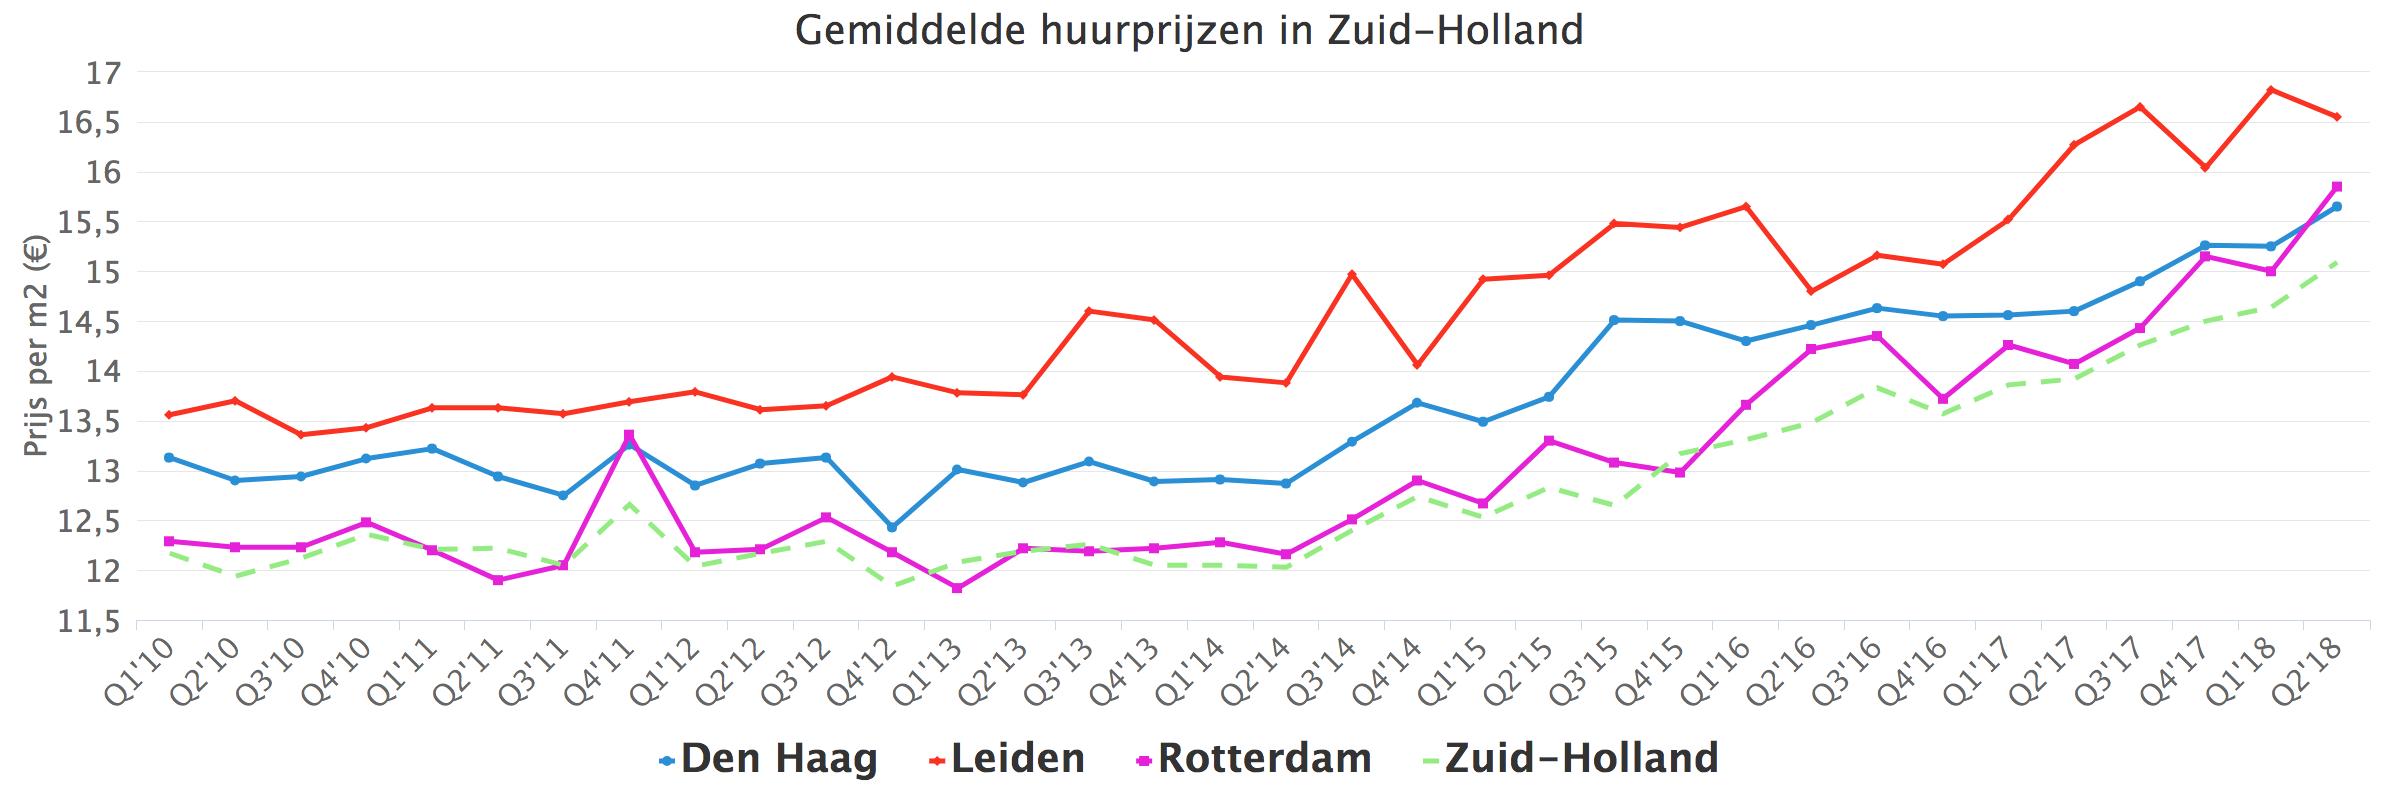 Gemiddelde huurprijzen in Zuid-Holland